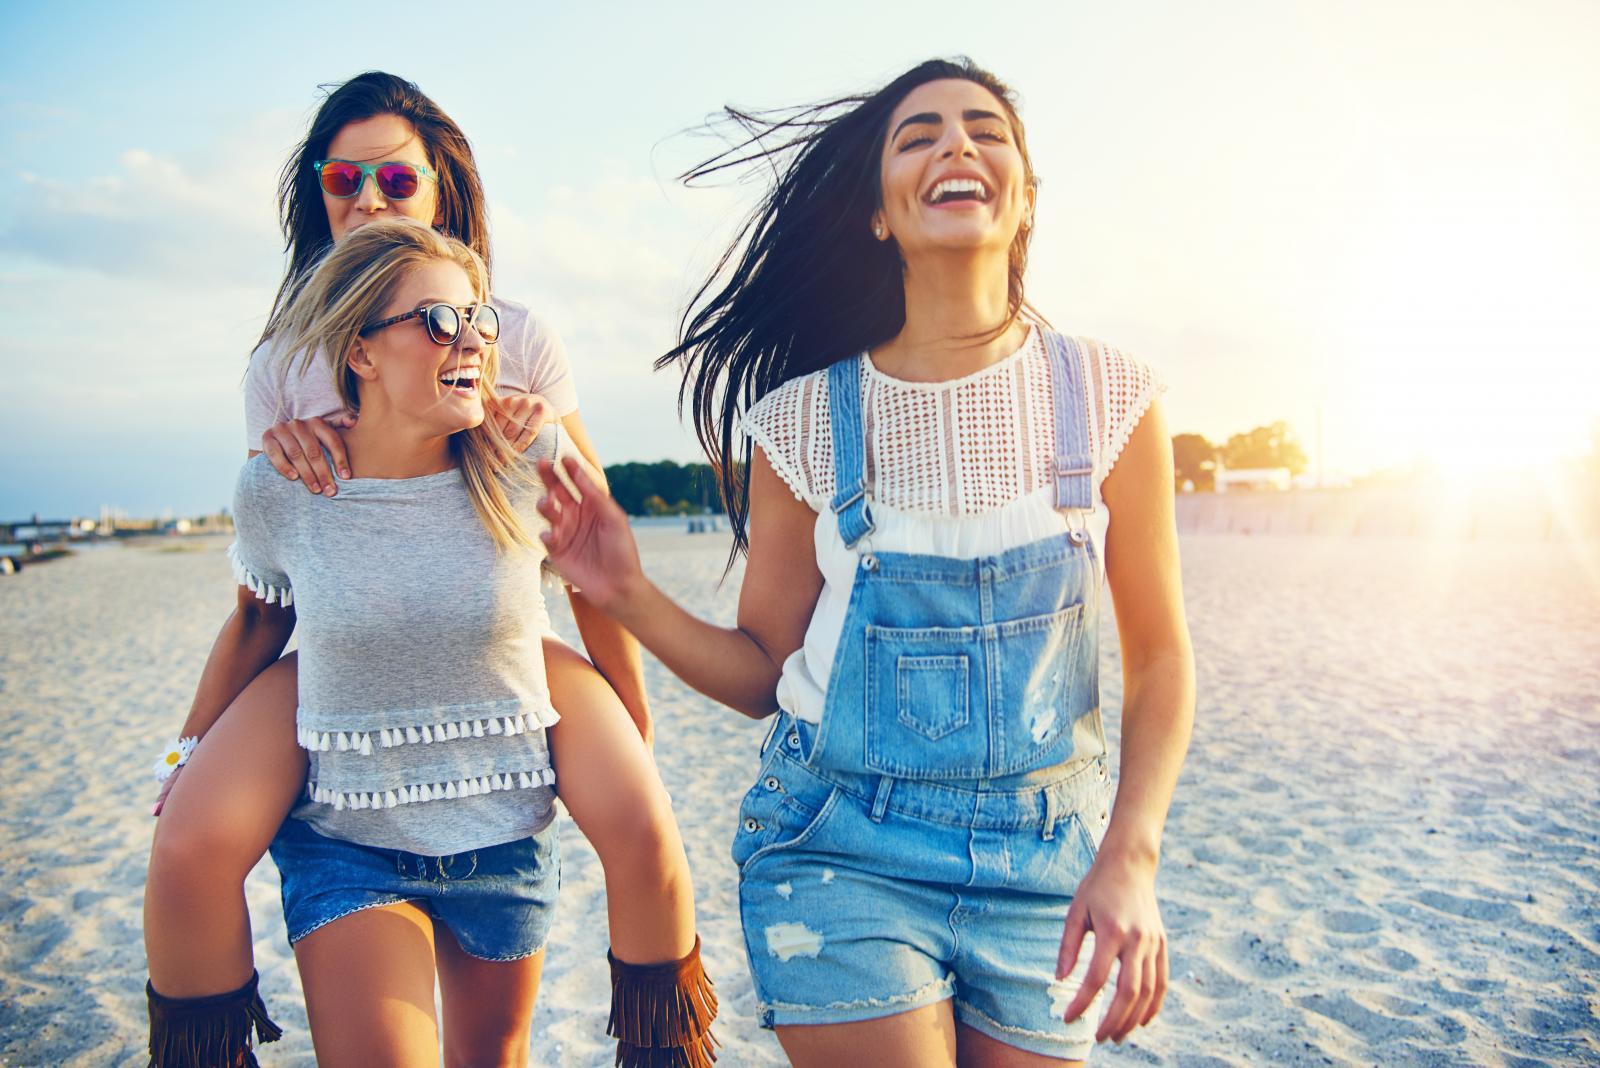 Smijeh nam može olakšati, ali i produljiti život.